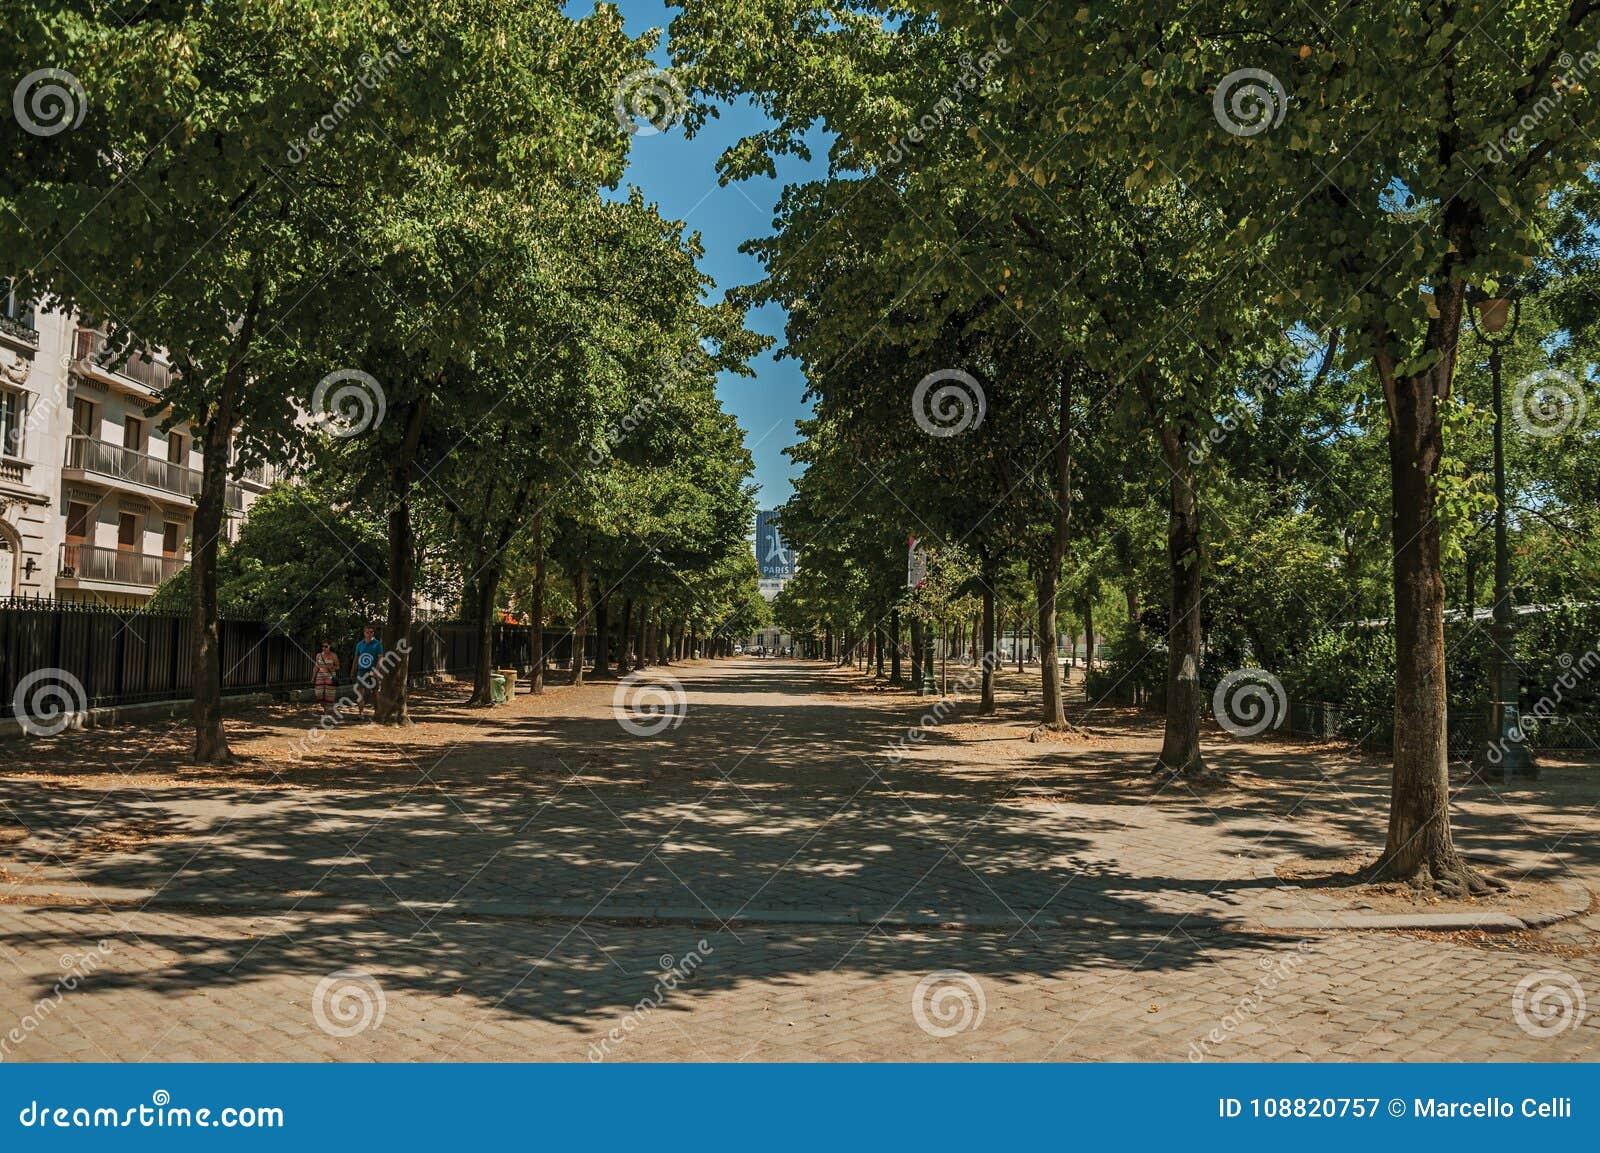 Les gens marchant sur le trottoir avec des arbres un jour ensoleillé à Paris